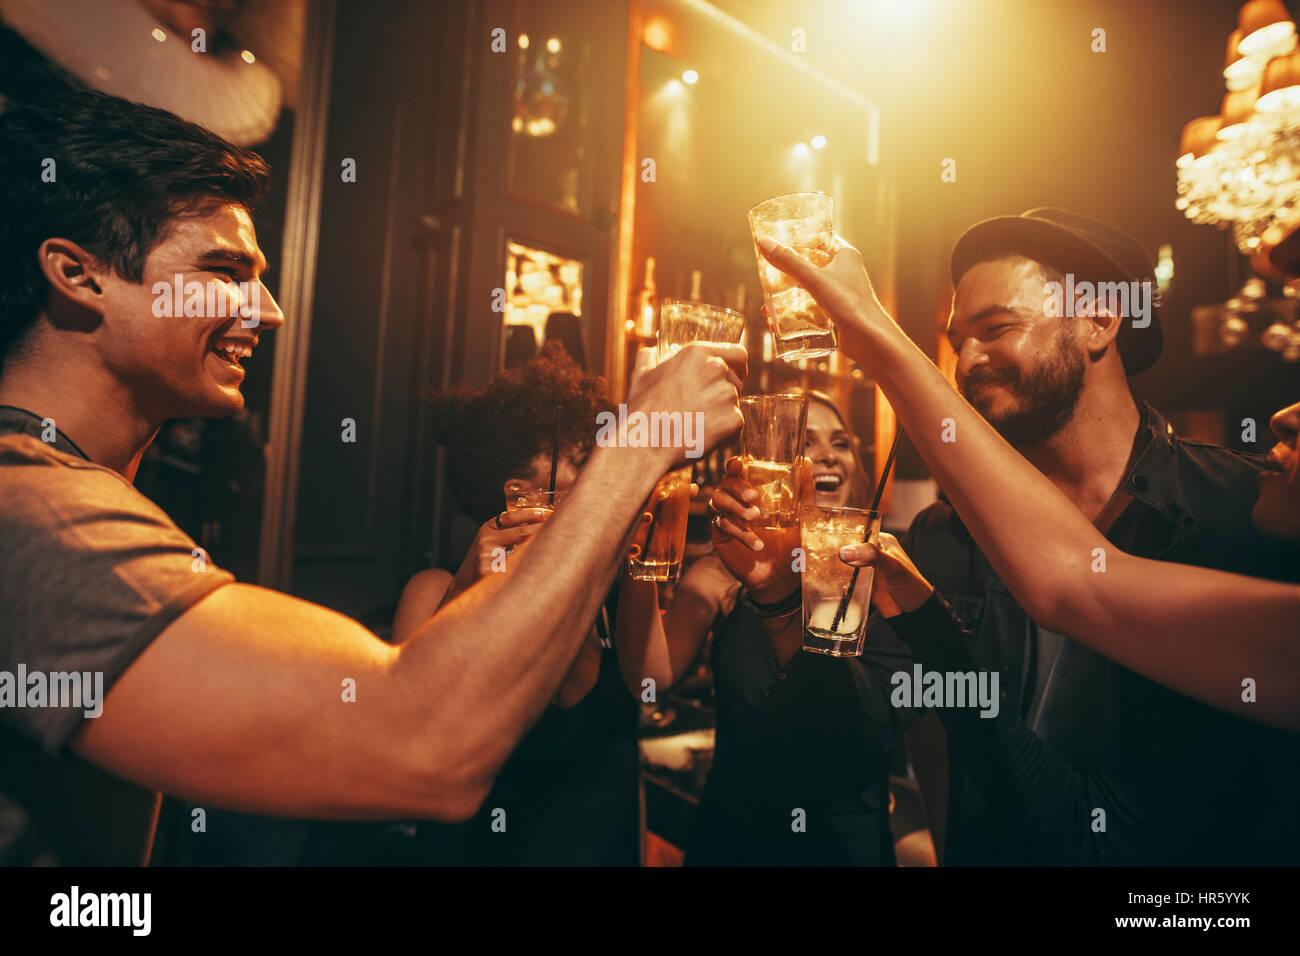 Les jeunes de célébrer et faire griller des boissons dans une discothèque. Amis, pour avoir du bon Photo Stock